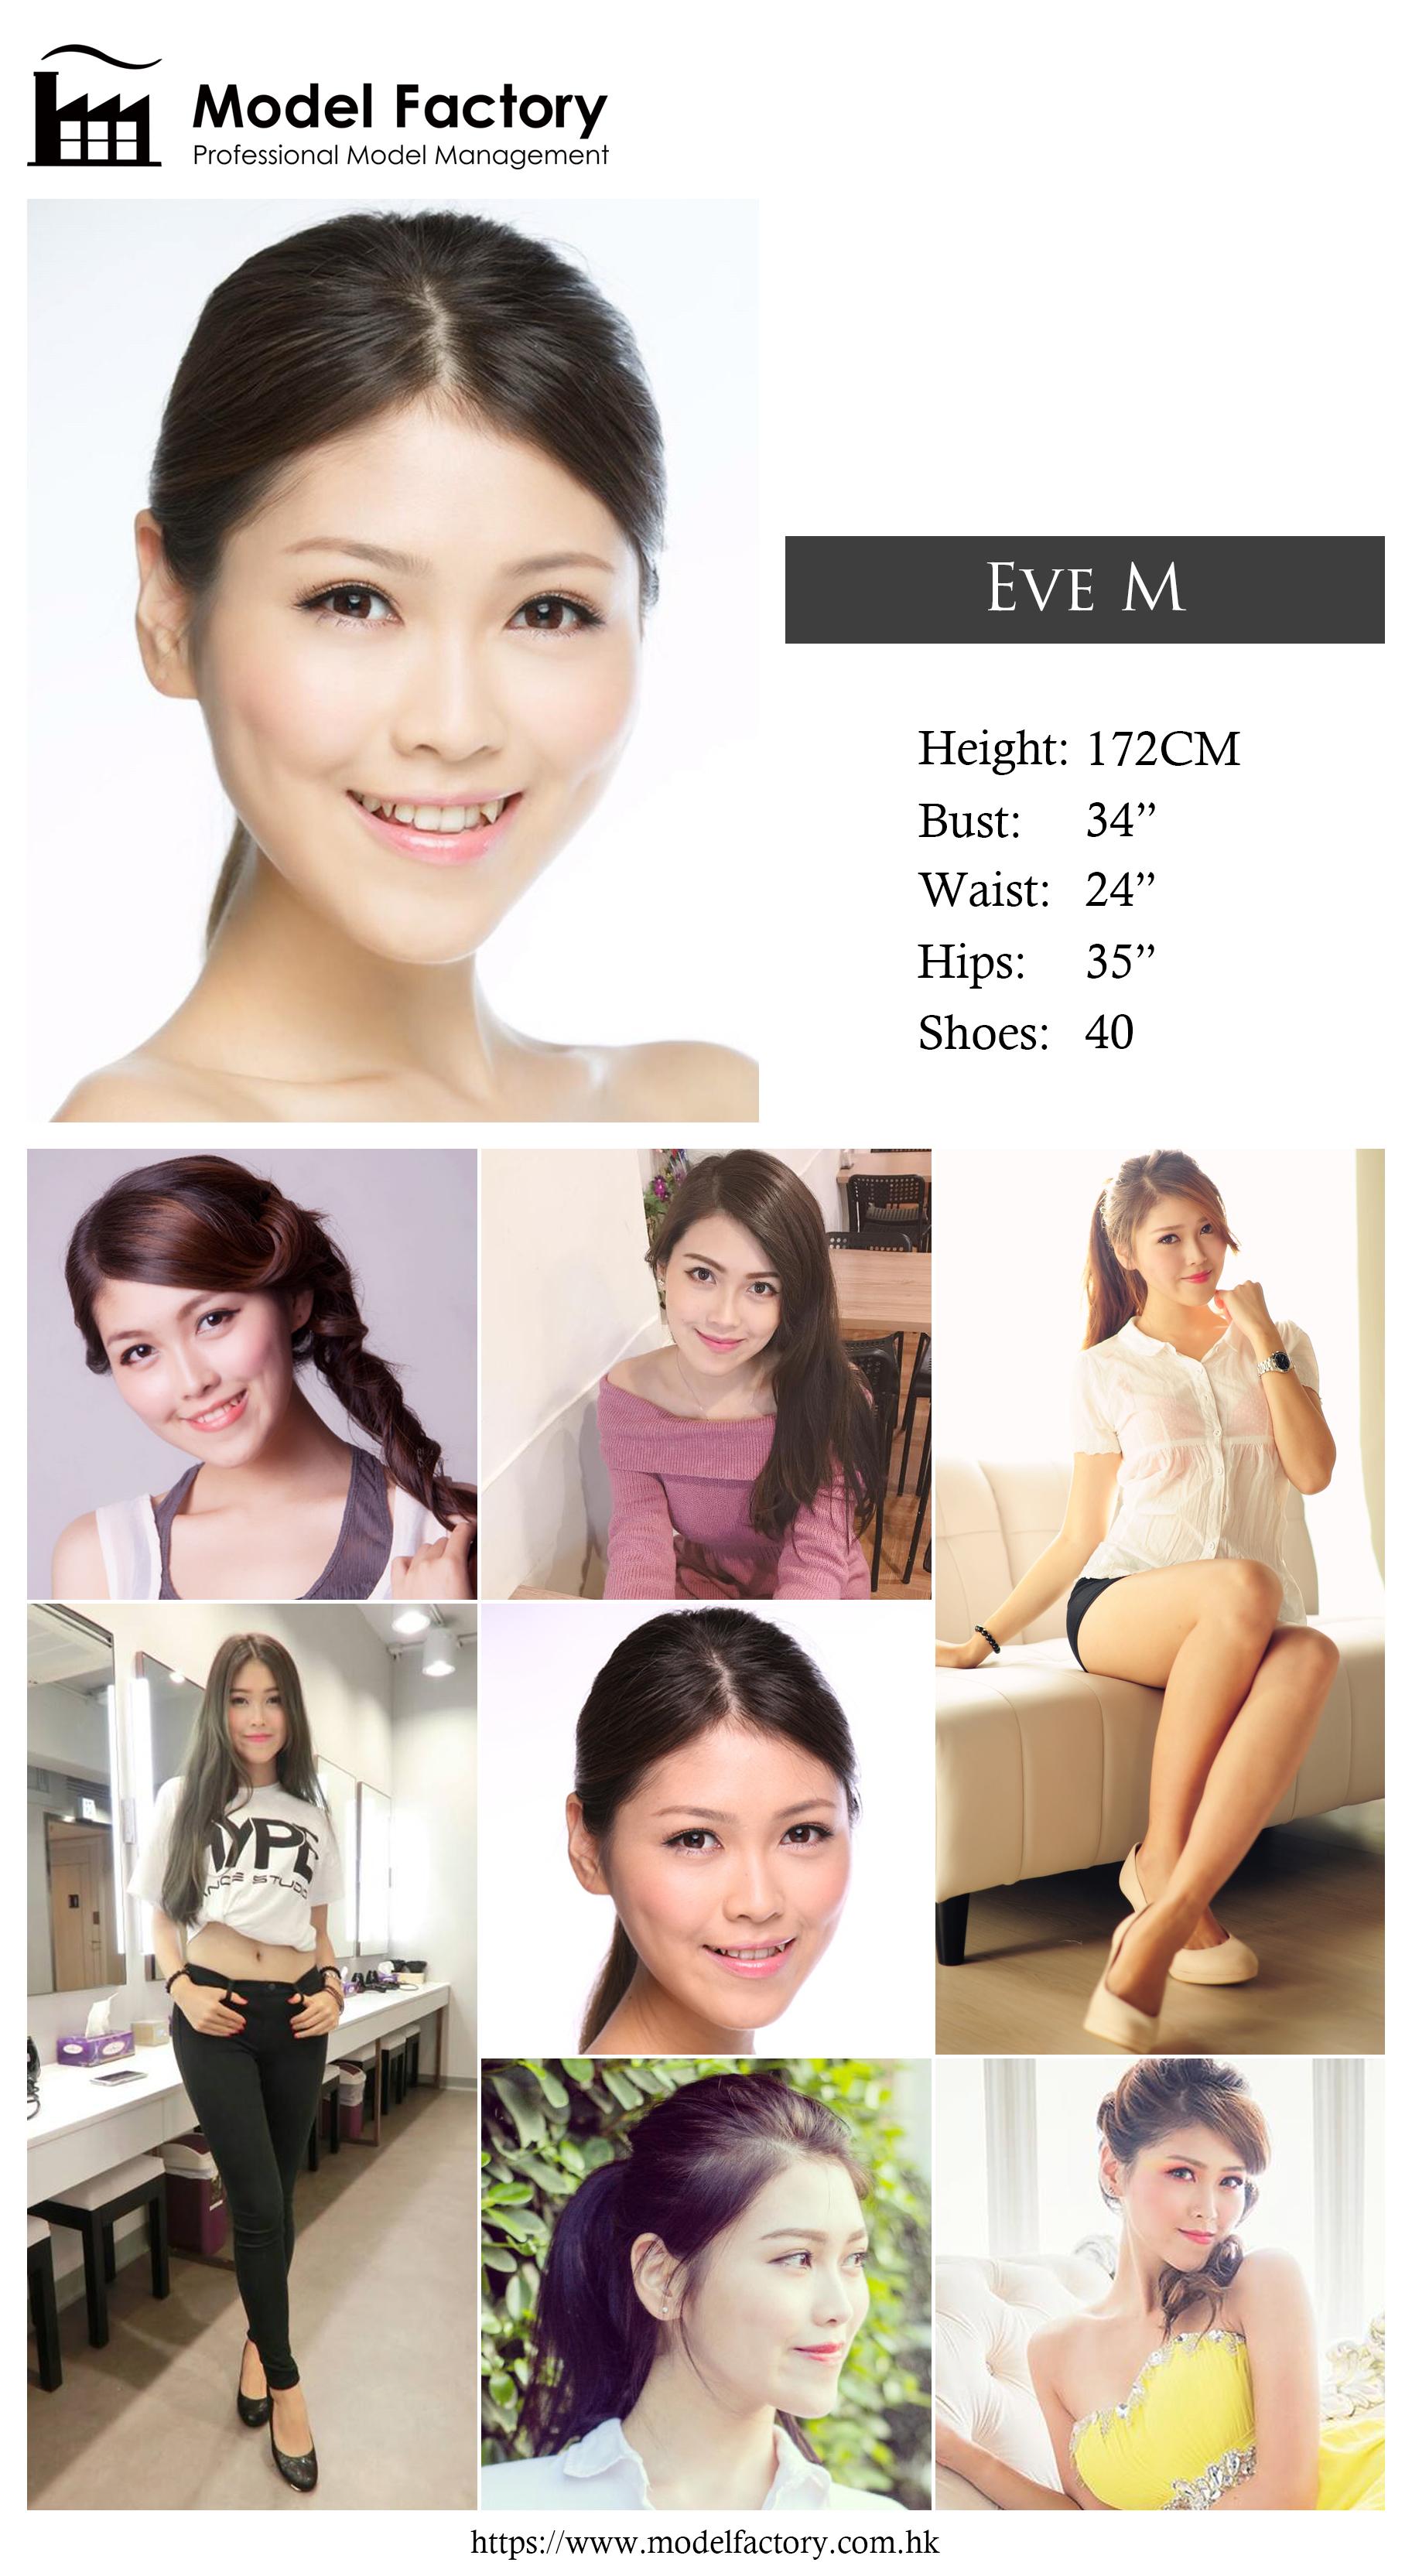 Model Factory Hong Kong Female Model EvaM